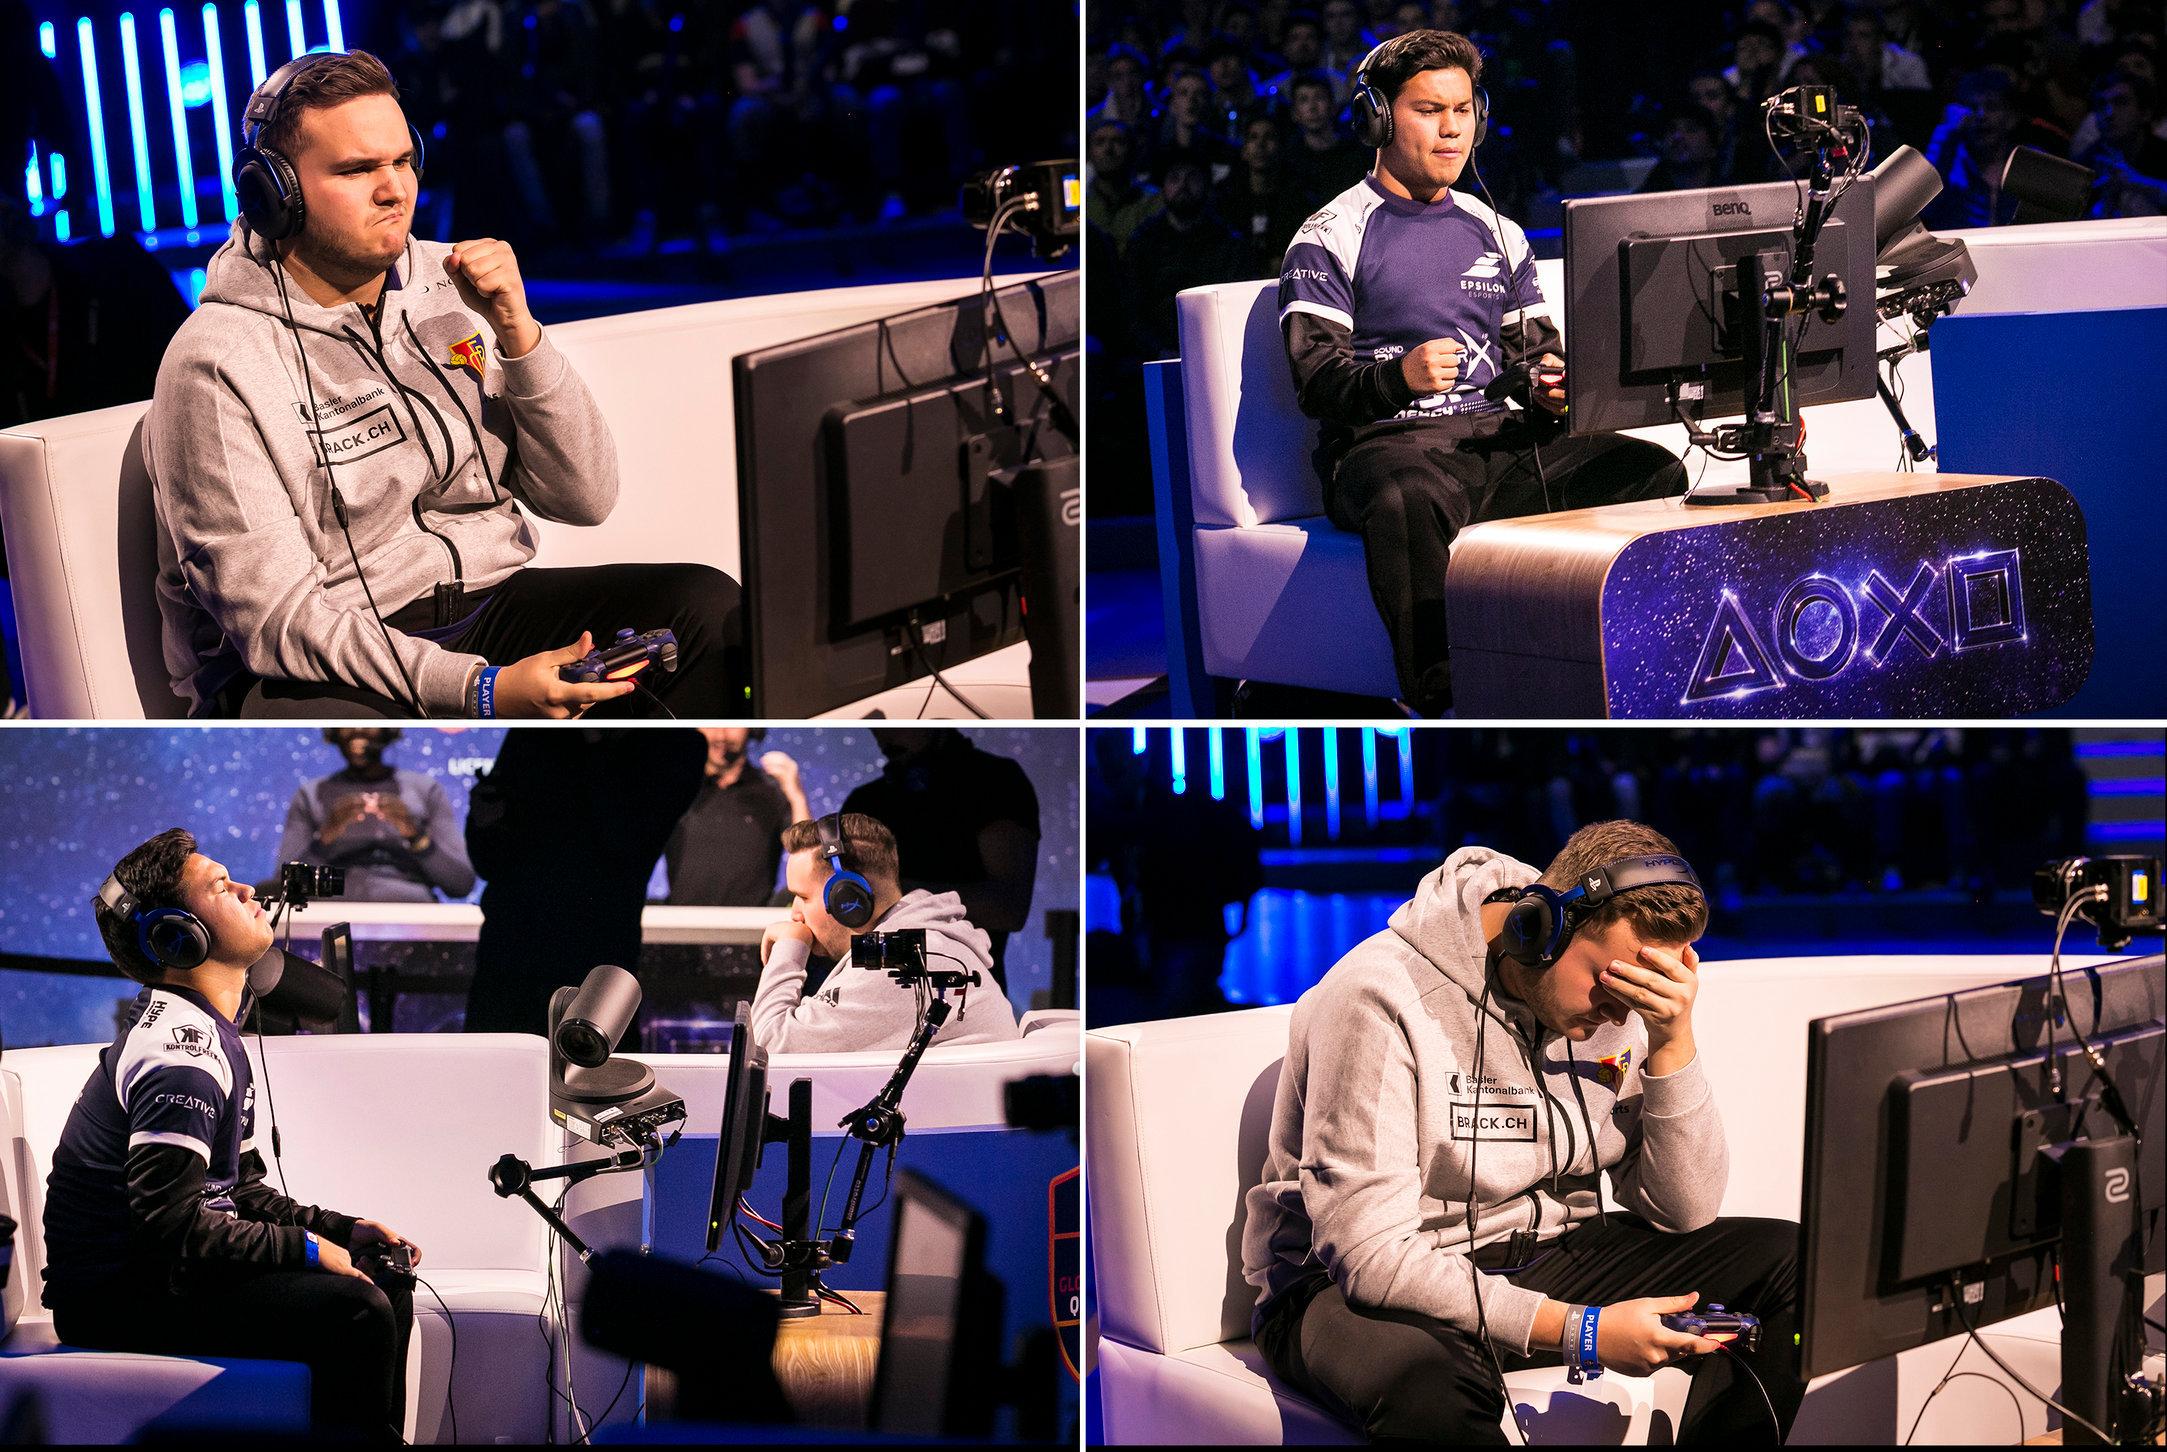 0005_Playstation@PGW2018-esports-final-1391-HighRes.jpg